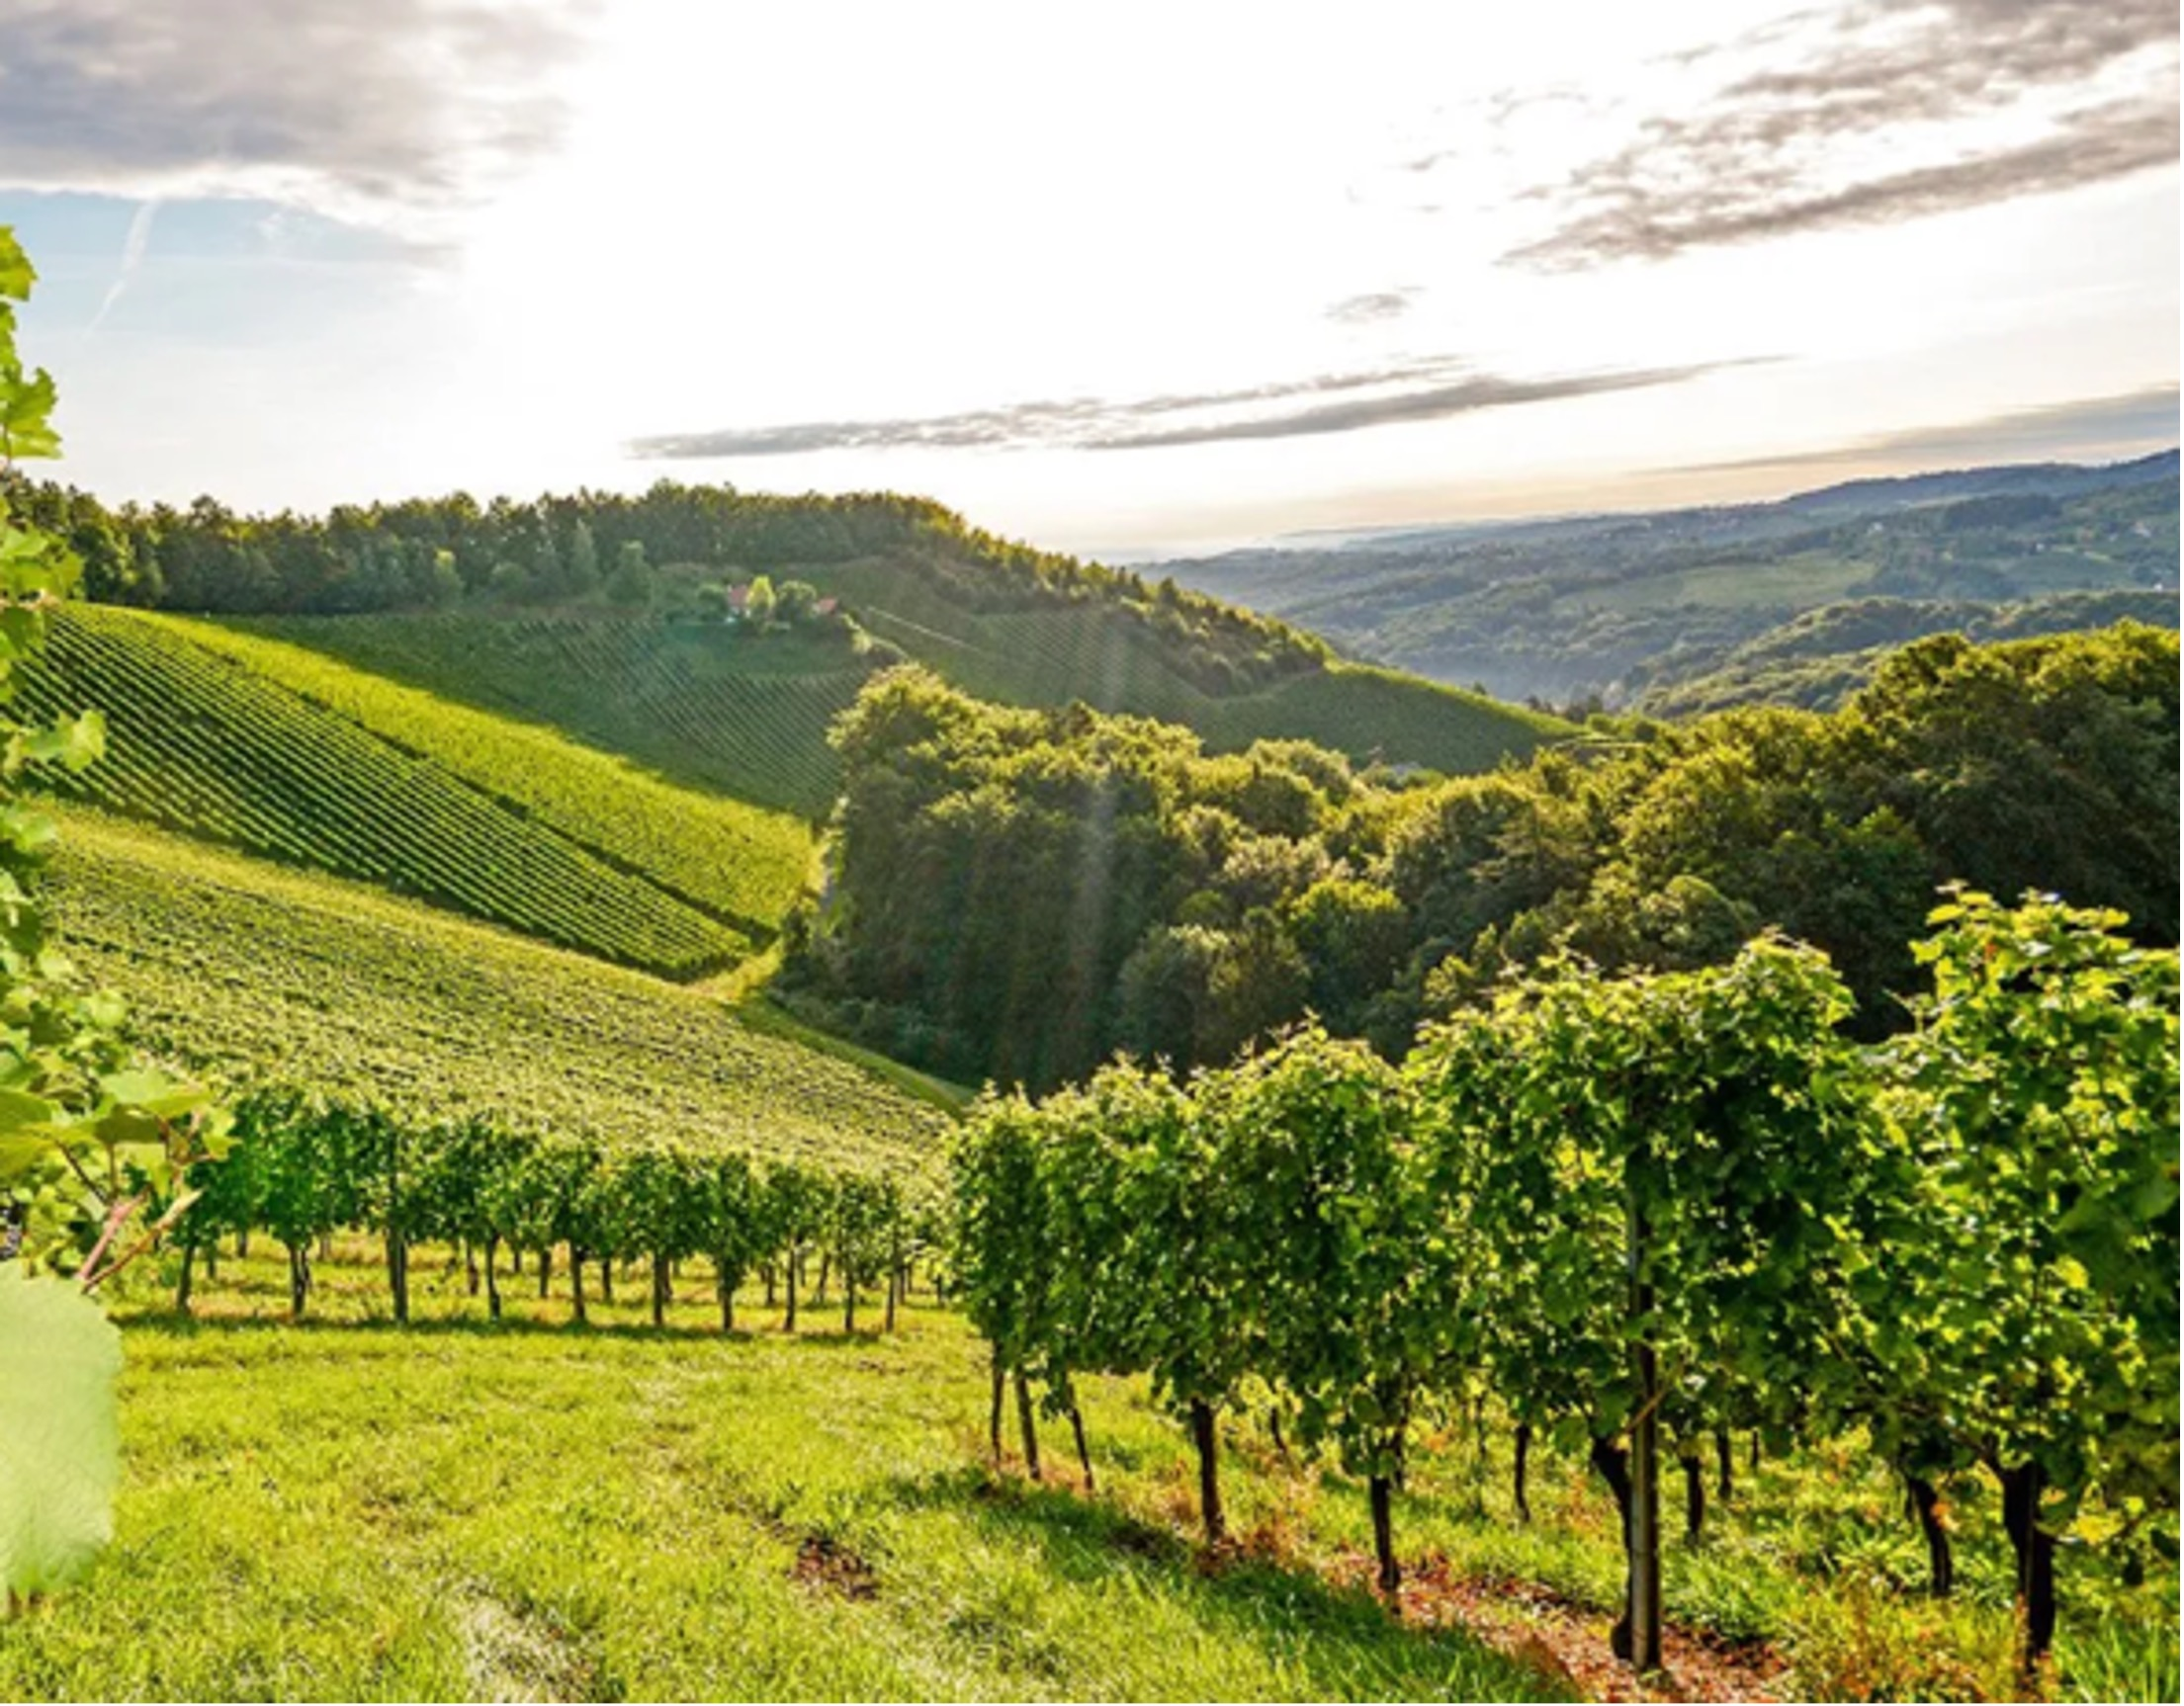 Vineyards in Colli Piacentini. Photo by Cantina di Vicobarrone